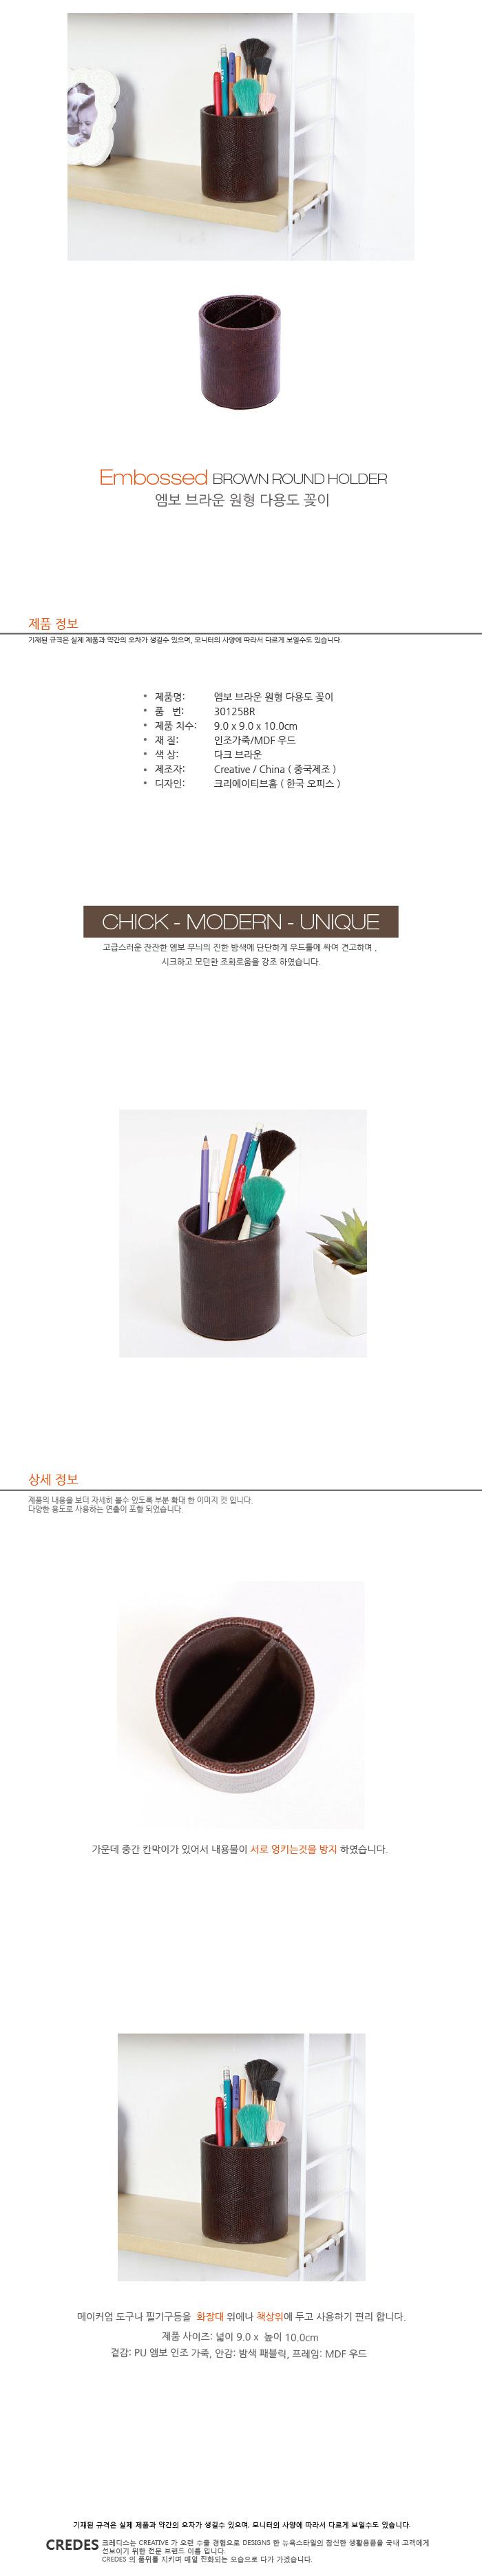 엠보 브라운 원형 꽂이 - 크레디스, 5,000원, 데스크정리, 필기구 홀더